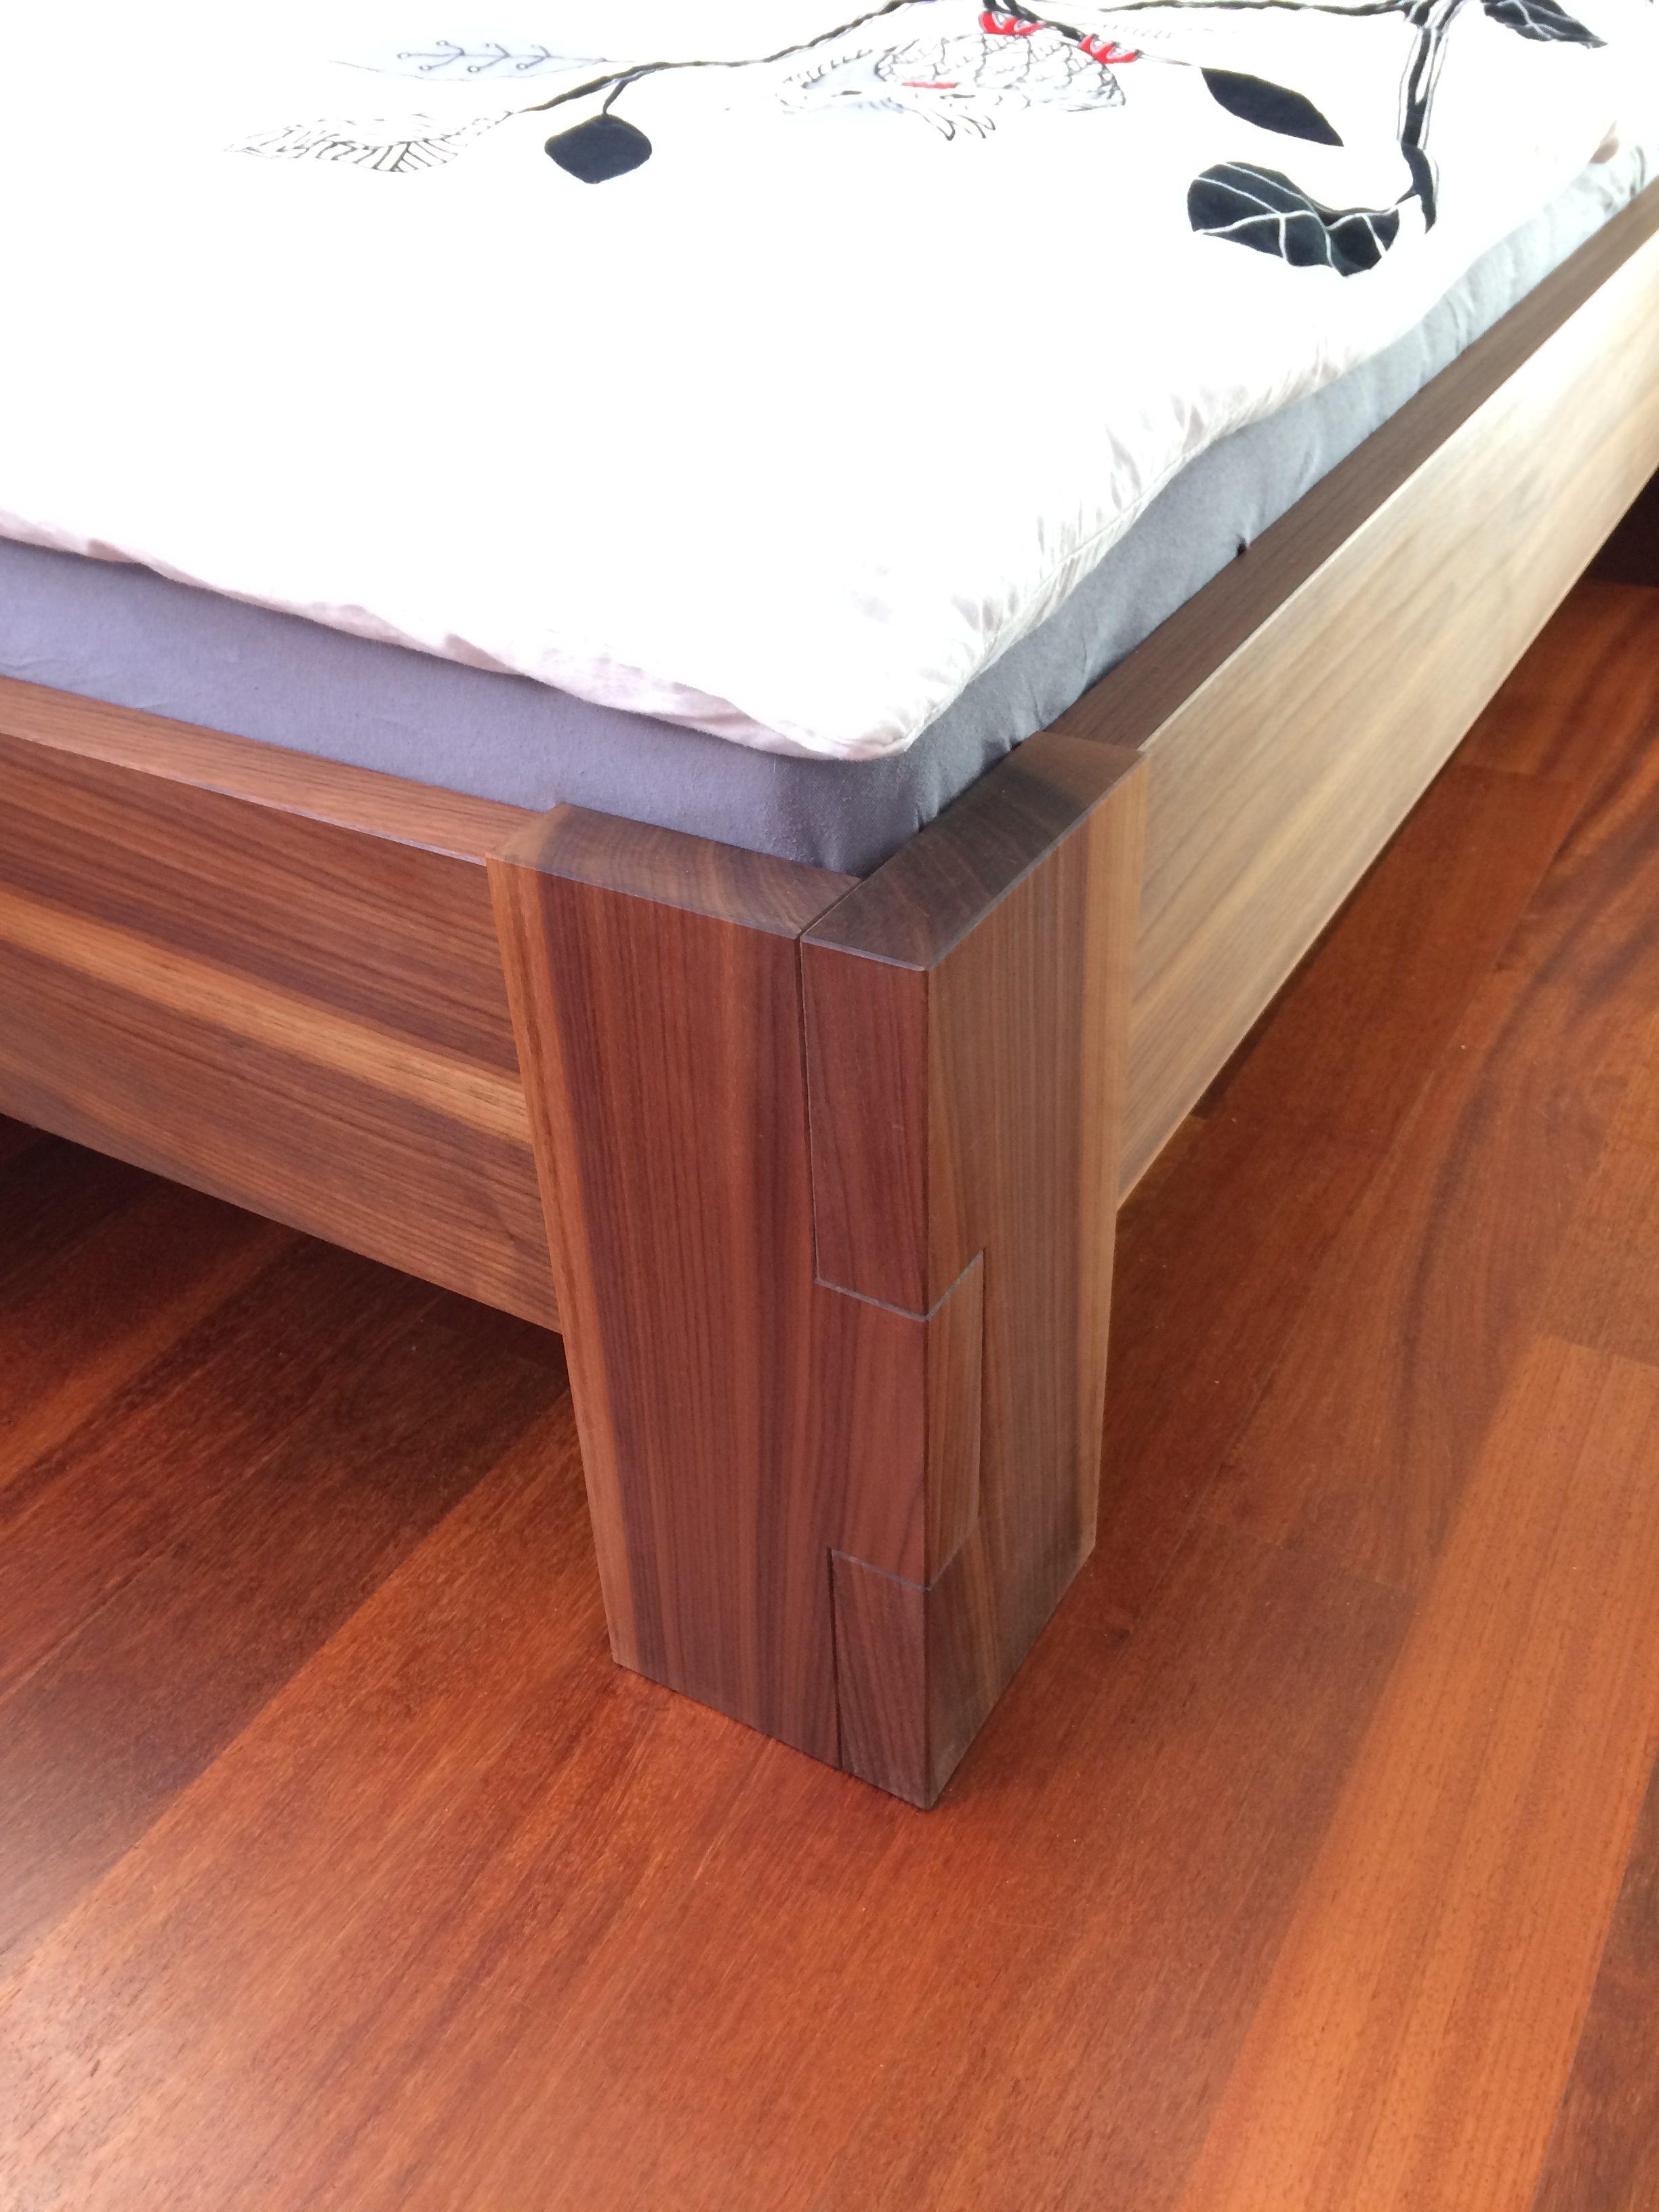 massivholzm bel keel schreinerei. Black Bedroom Furniture Sets. Home Design Ideas